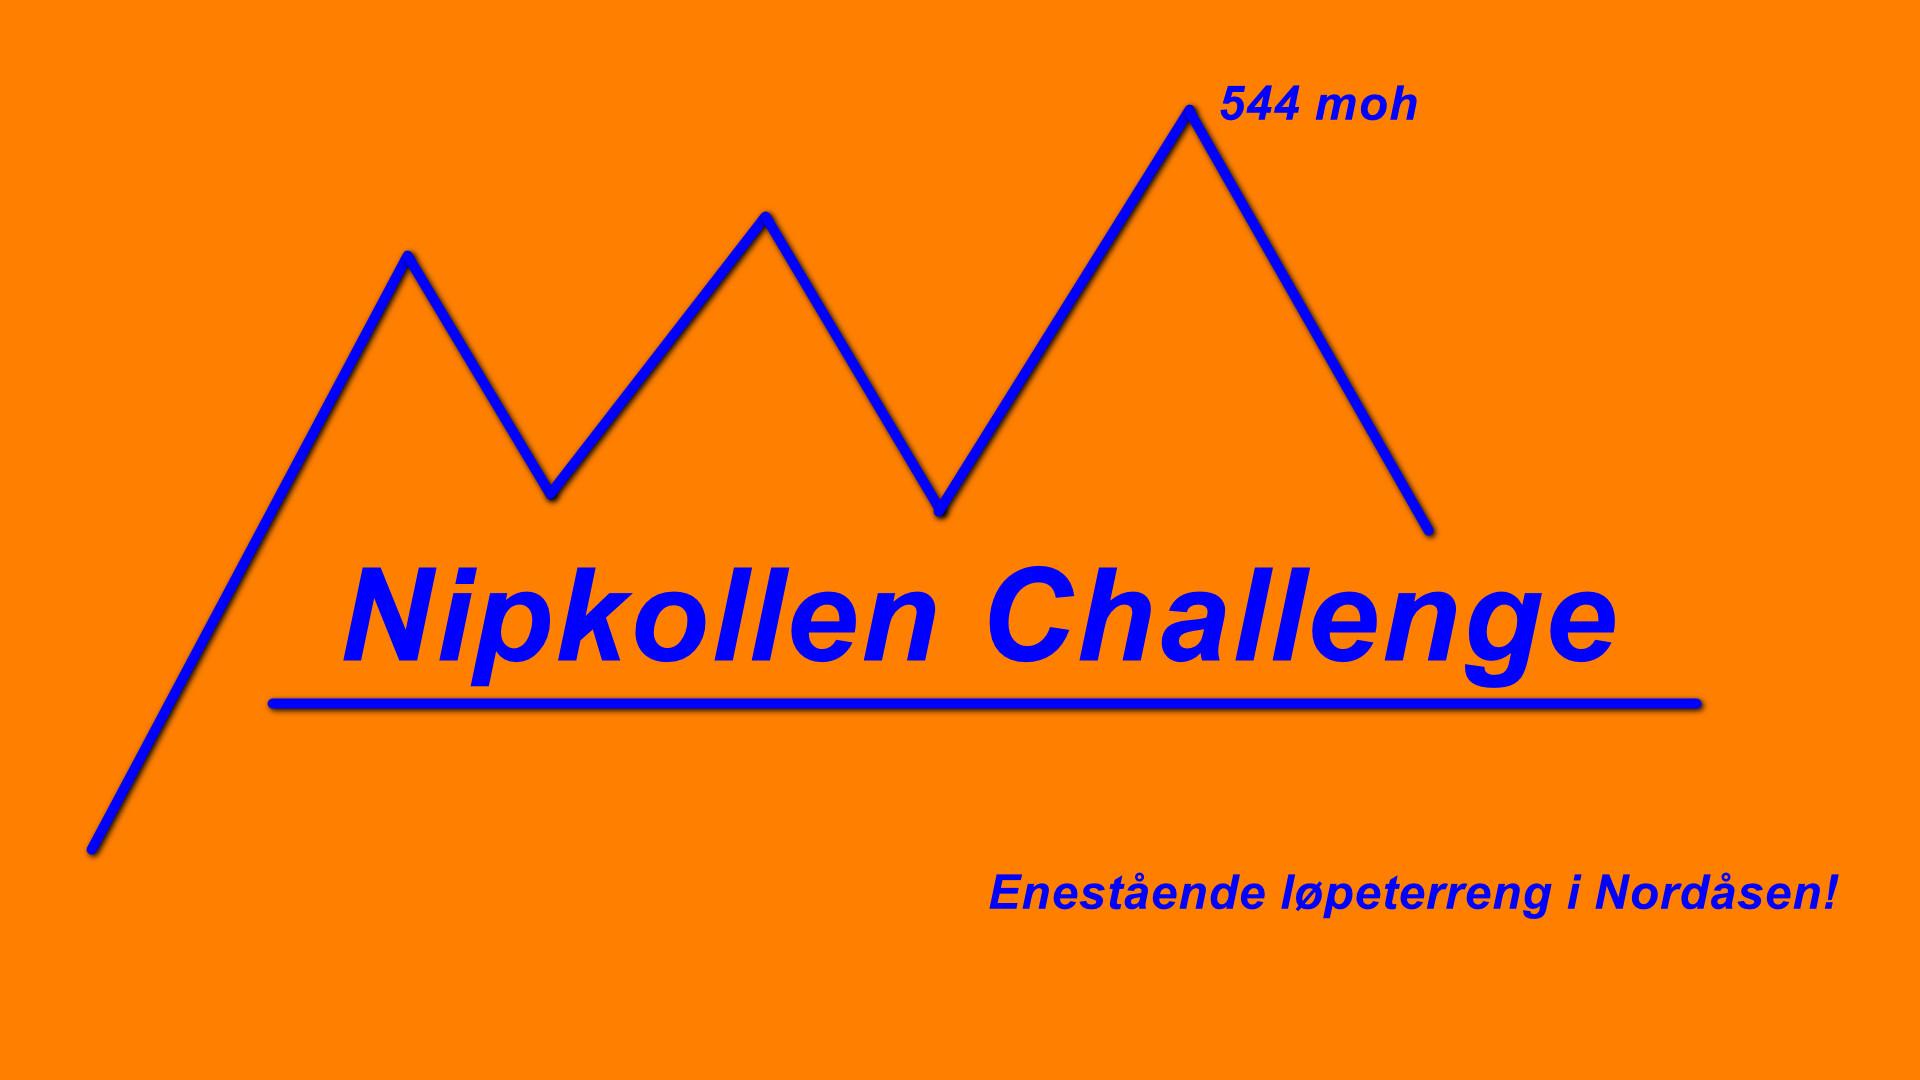 Nipkollen Challenge